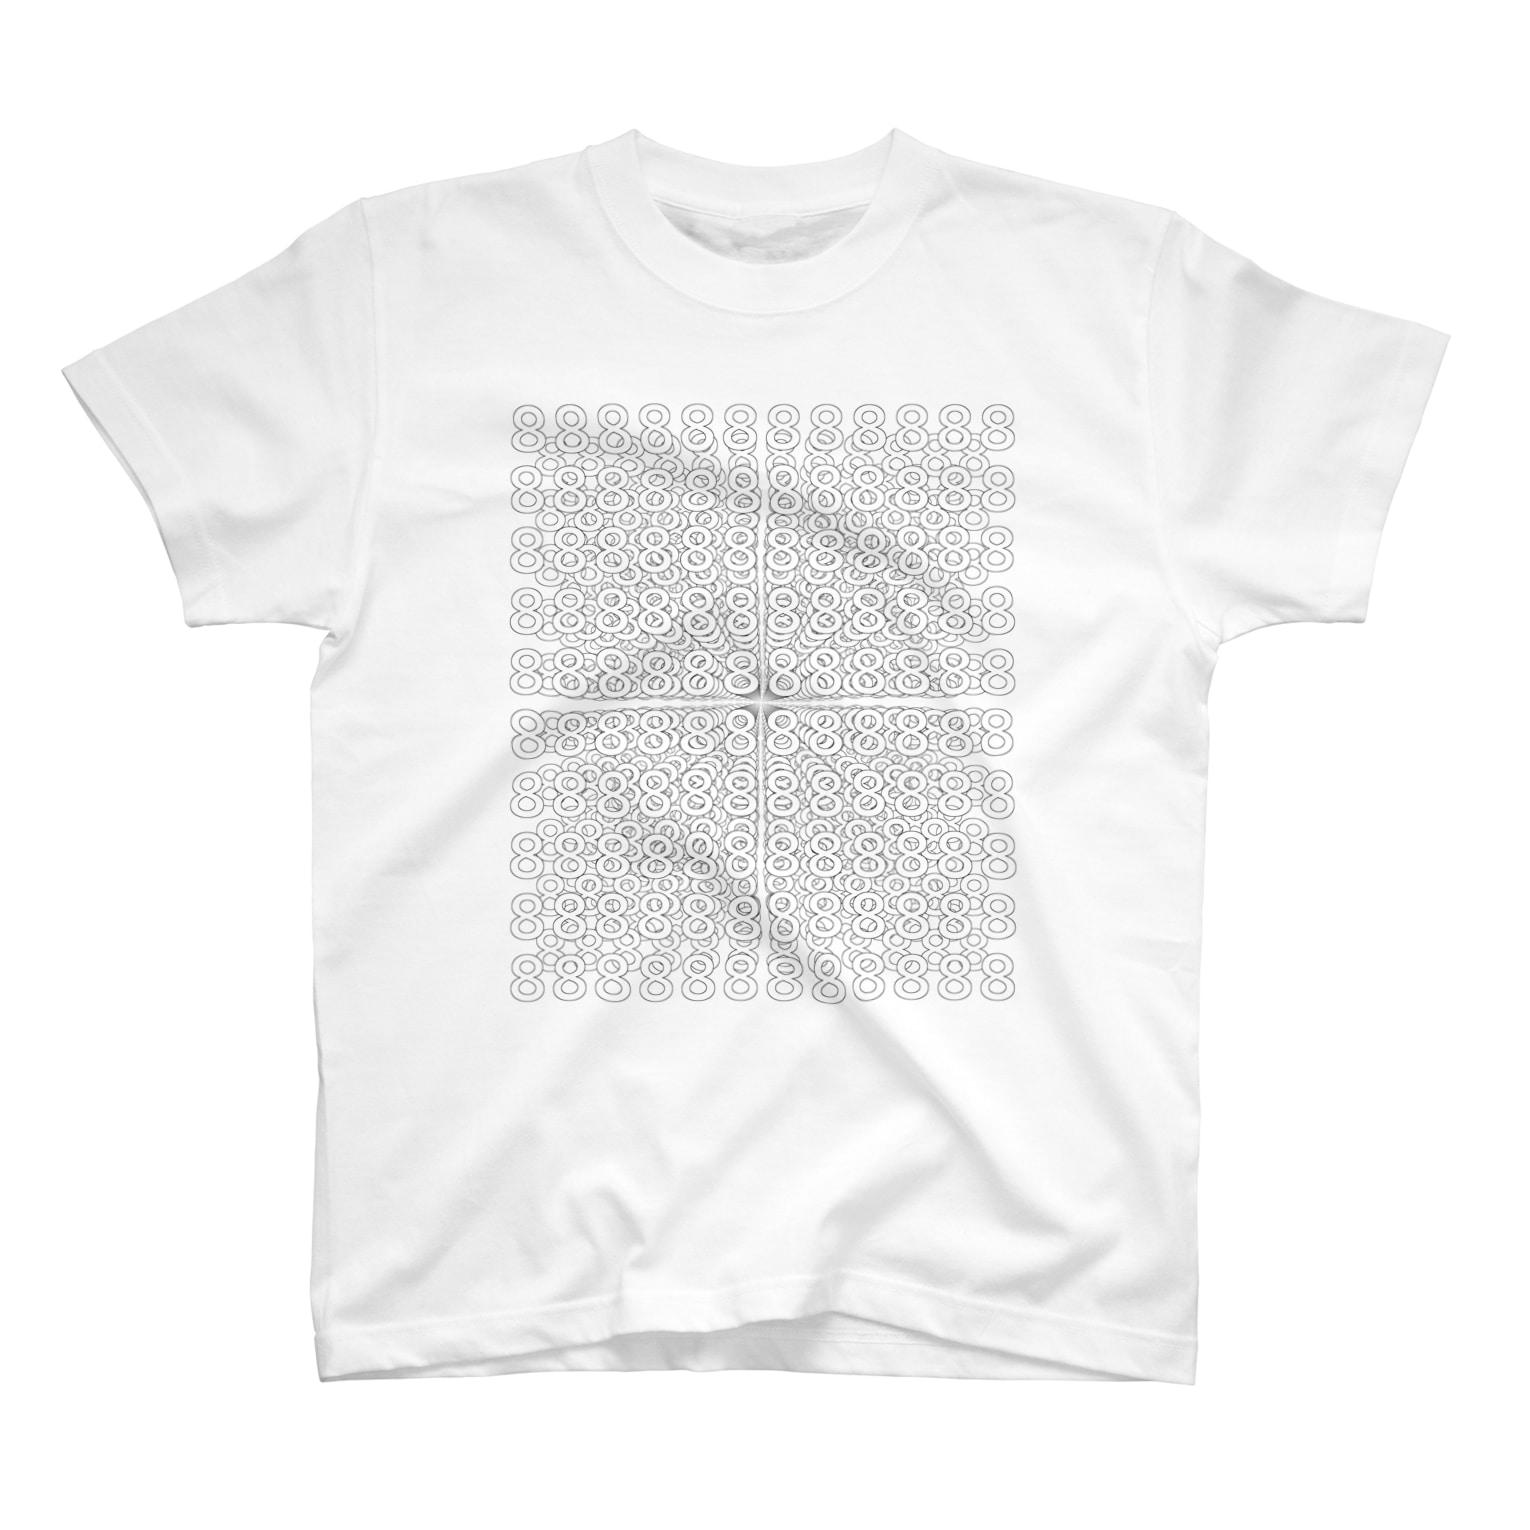 Tシャツ大喜利(なまえ)の8×∞ T-shirts